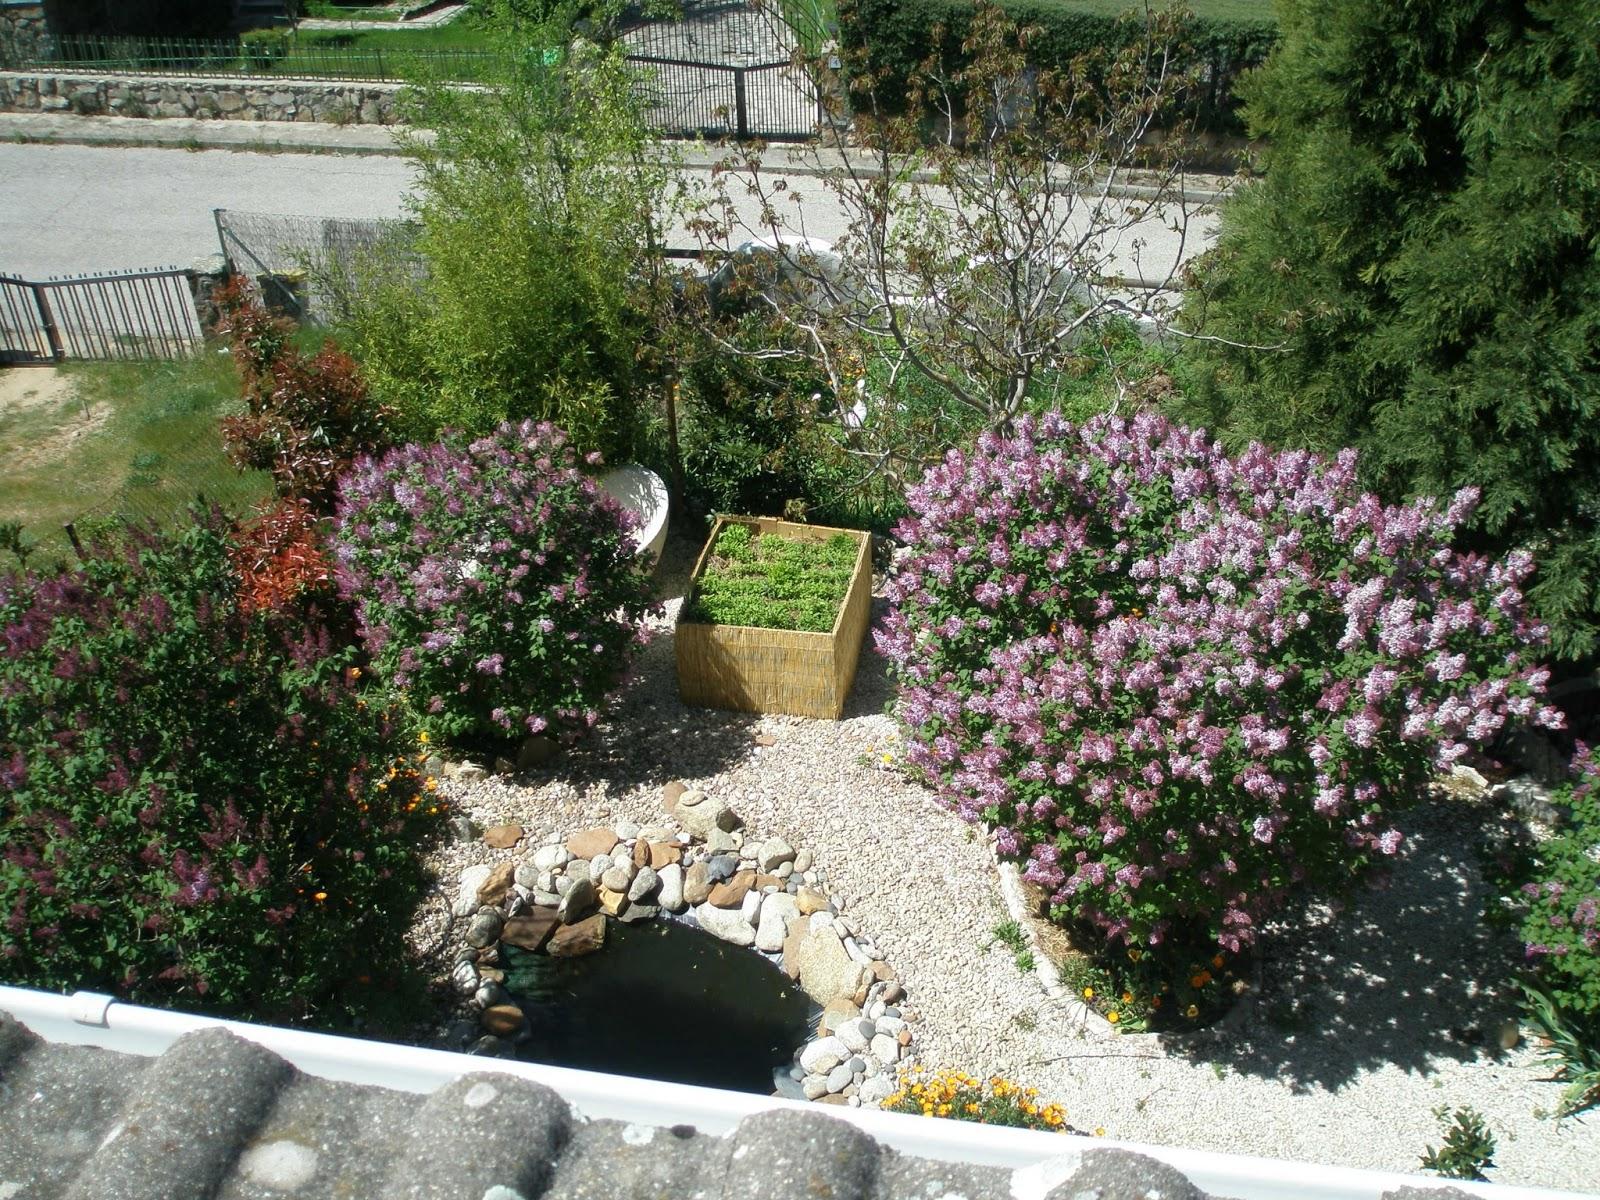 la rocaya junto a la escalera de entrada bajo la secuoya muestra las matas de iberis de un blanco radiante junto a aromticas como organo y